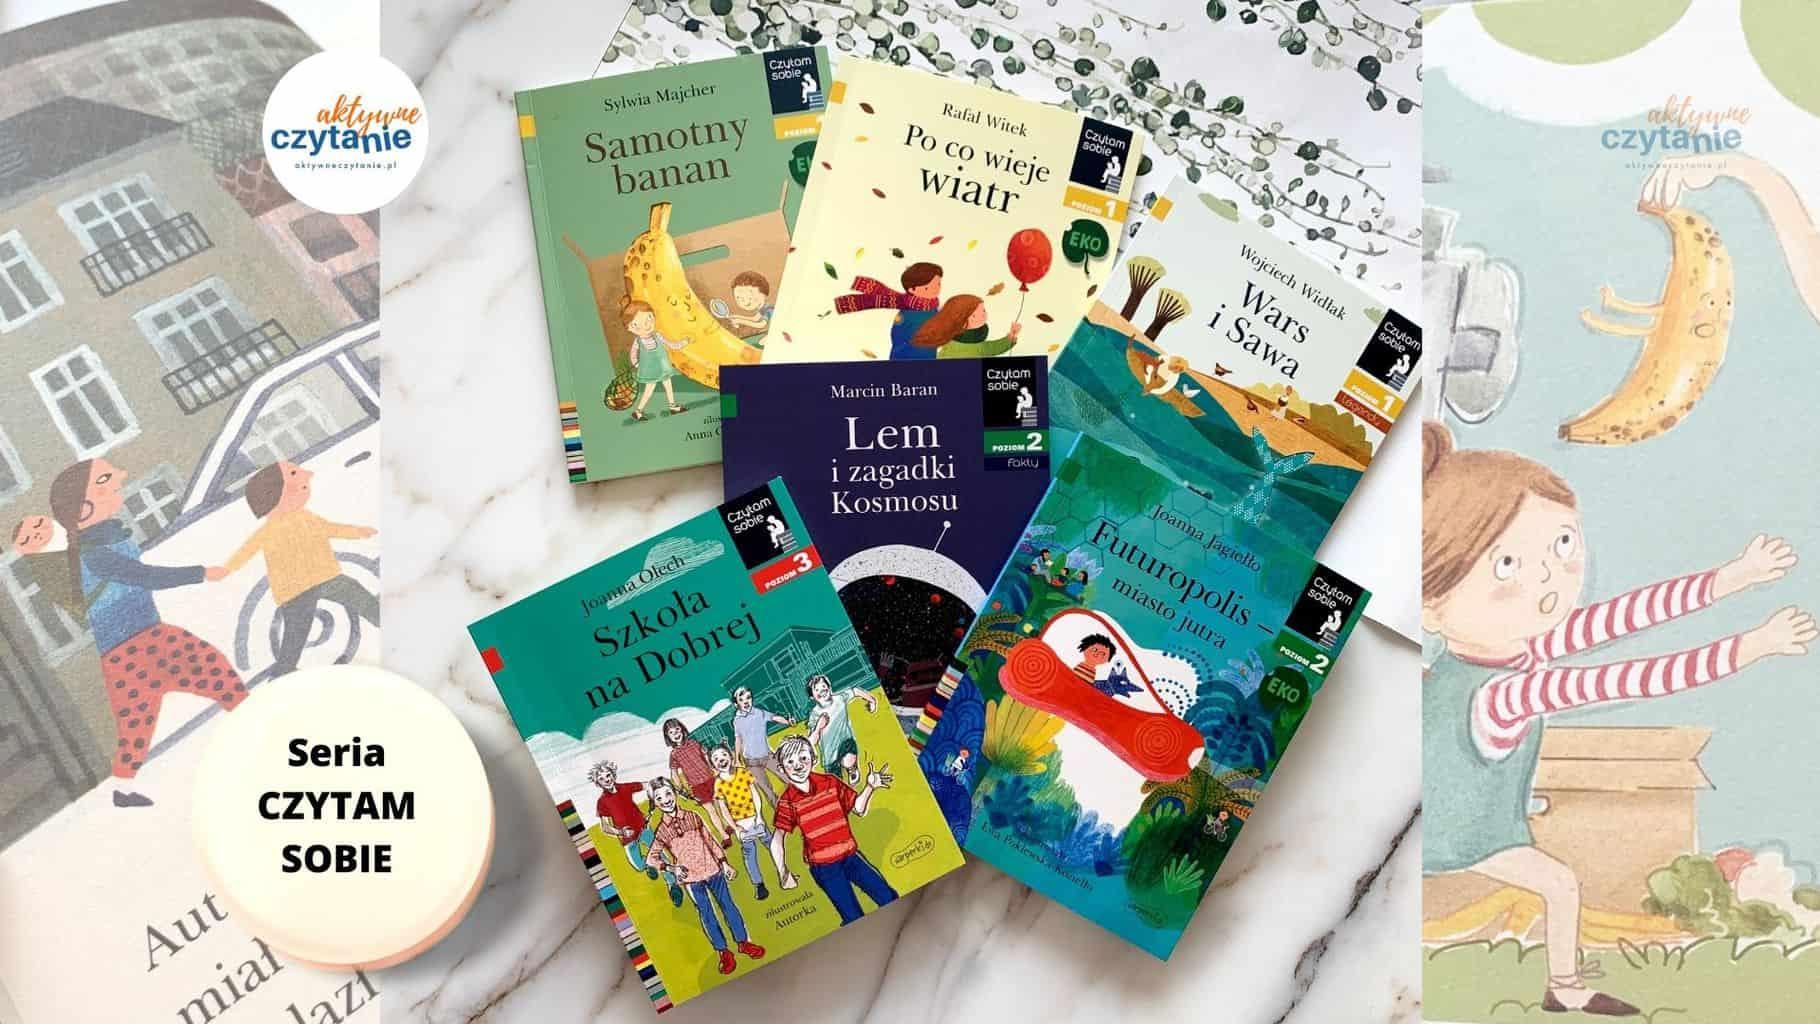 recenzja ksiazki dla dzieci donauki czytania